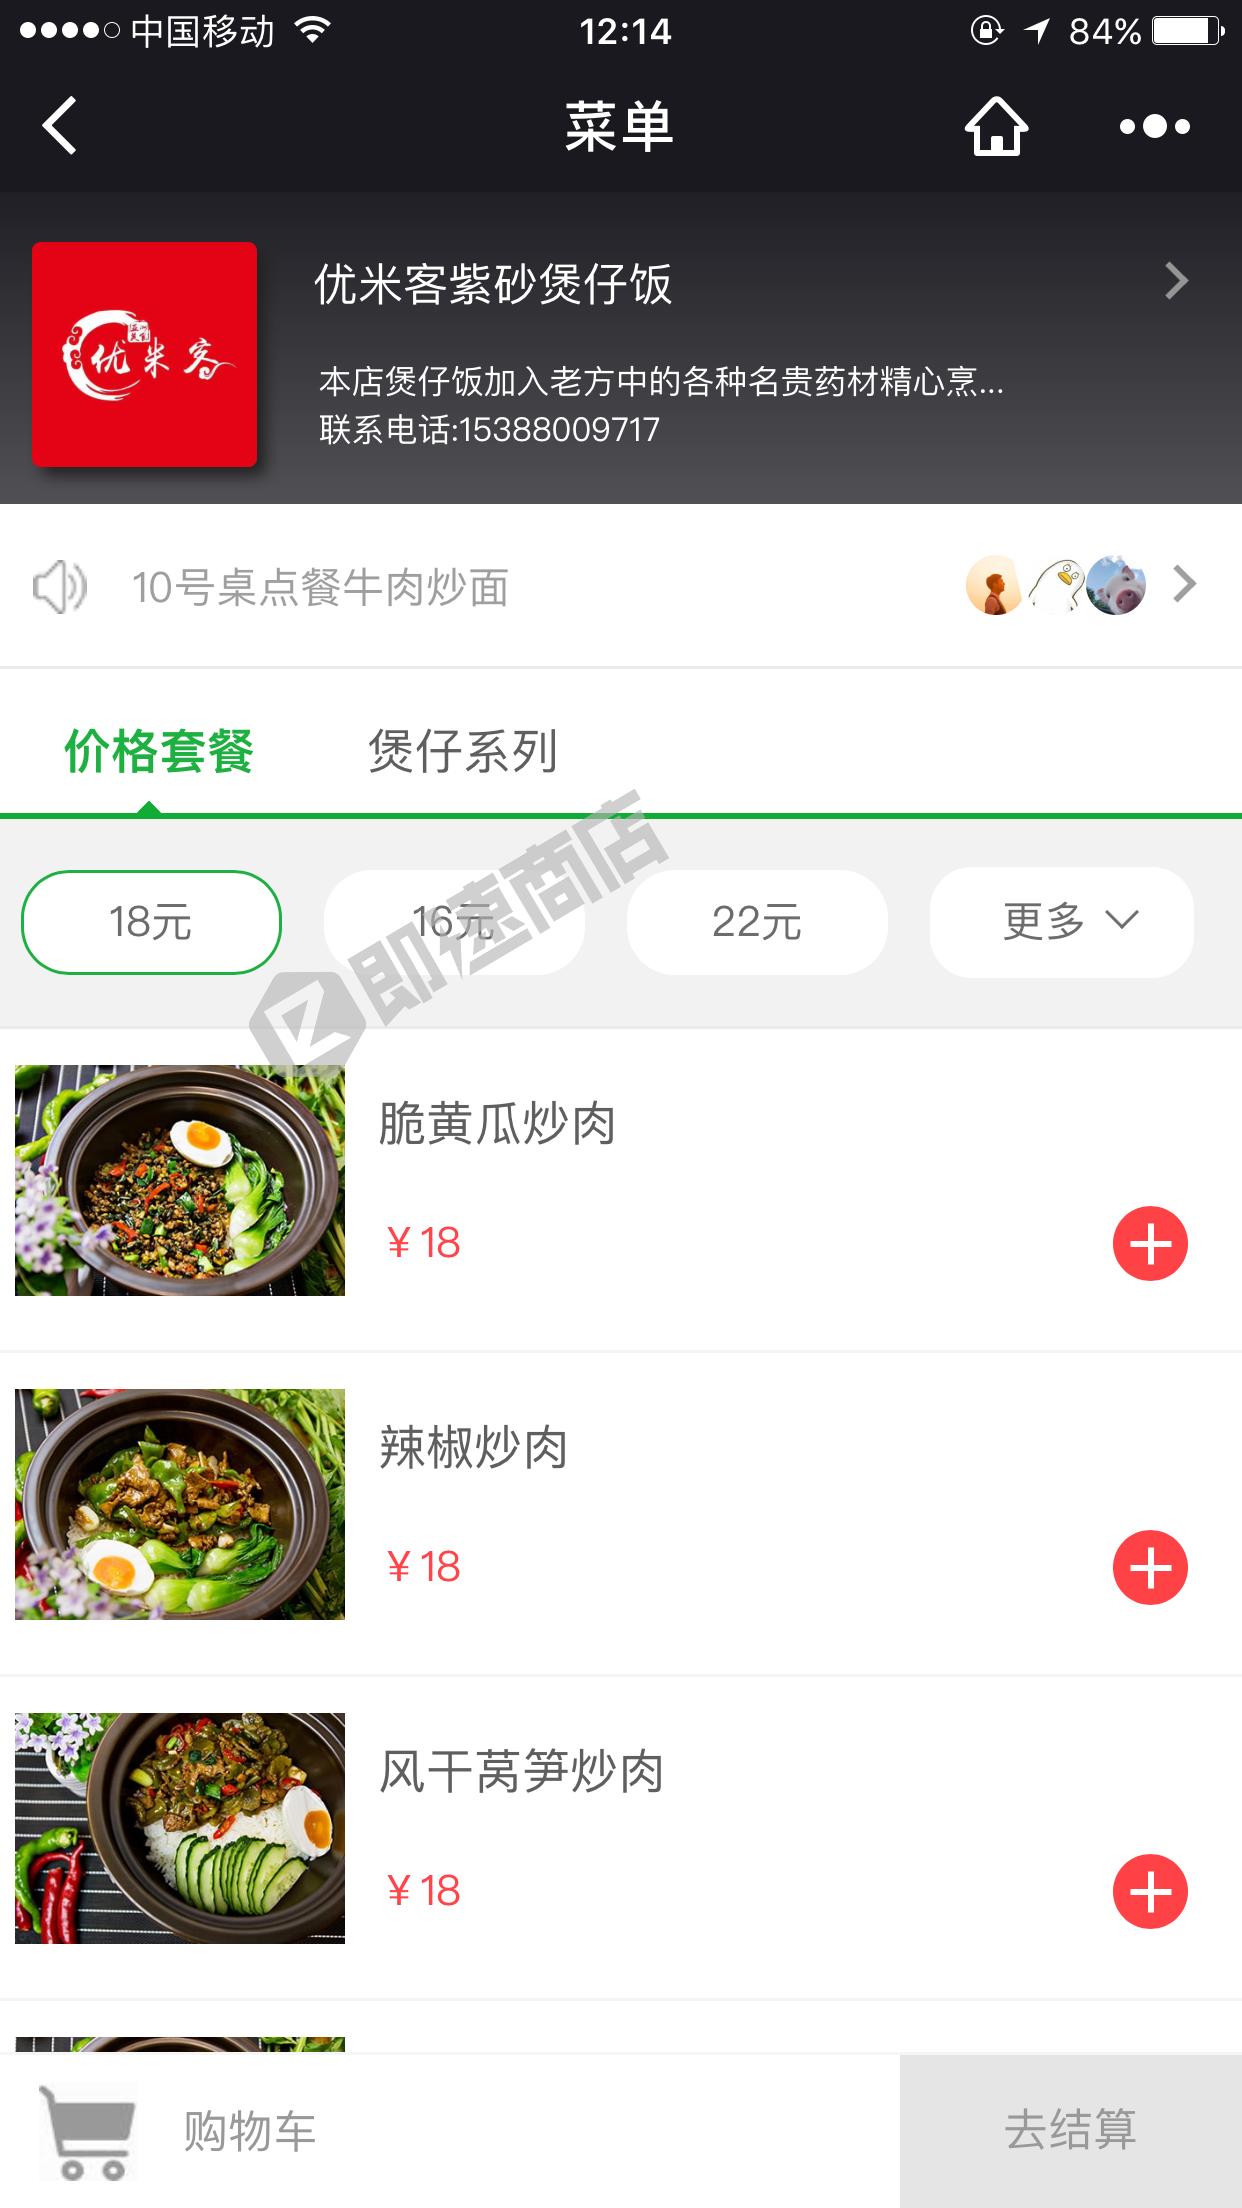 优米客紫砂煲仔饭小程序详情页截图